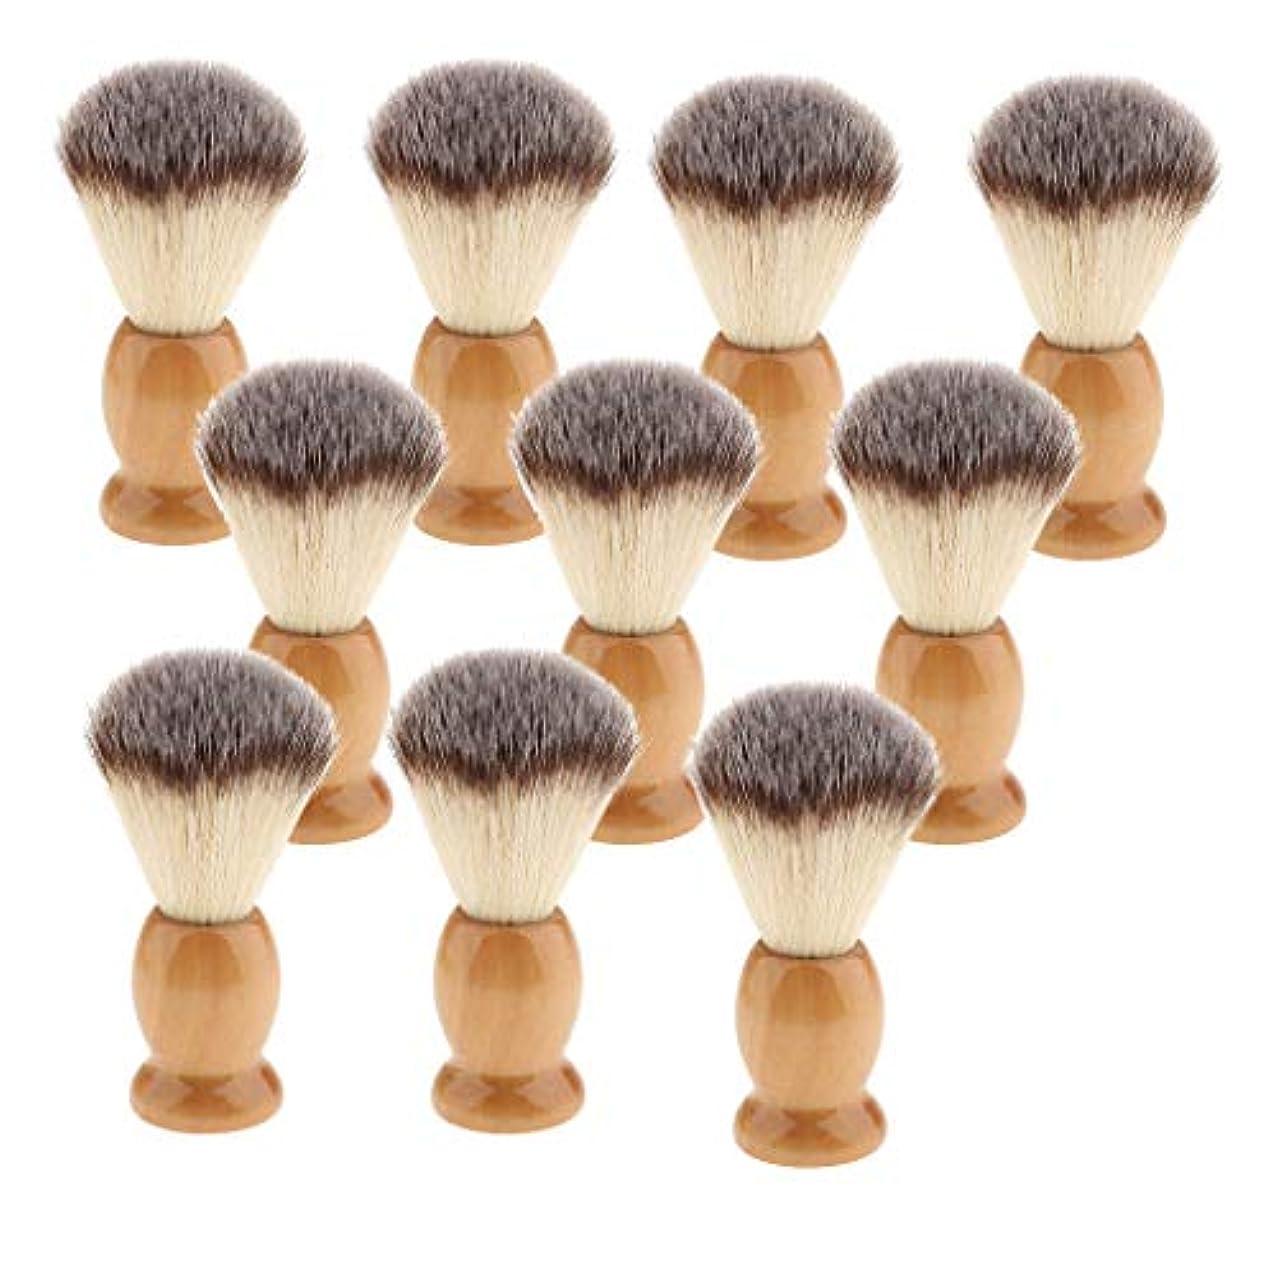 アウターグリーンバックブリリアントひげブラシ メンズ用 シェービングブラシ 髭剃り ブラシ アナグマ毛シェービングブラシ ギフト 10個